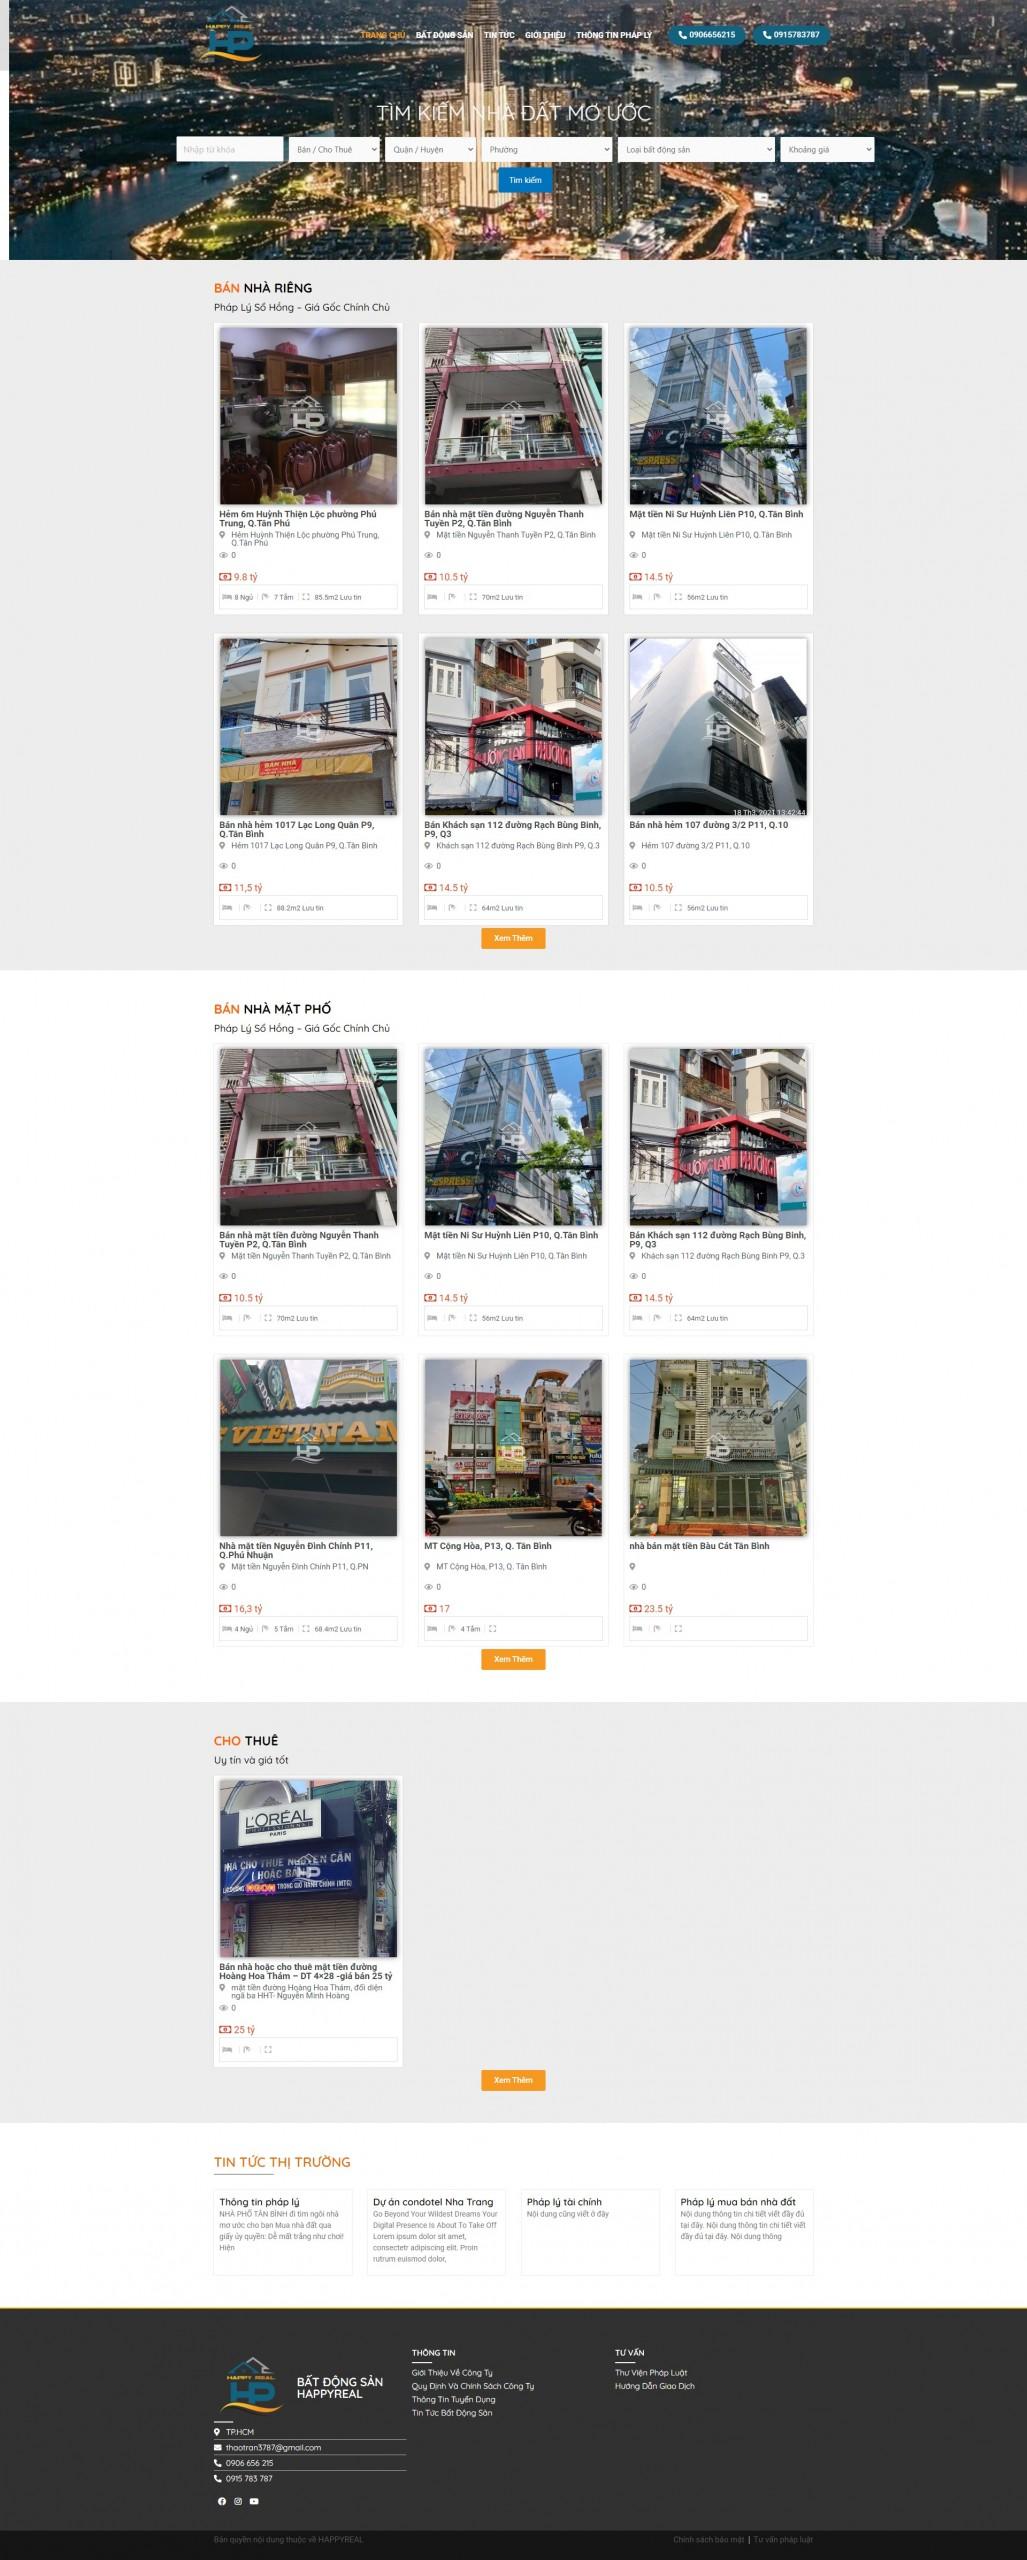 Sourcecode website kinh doanh bất động sản nhà phố